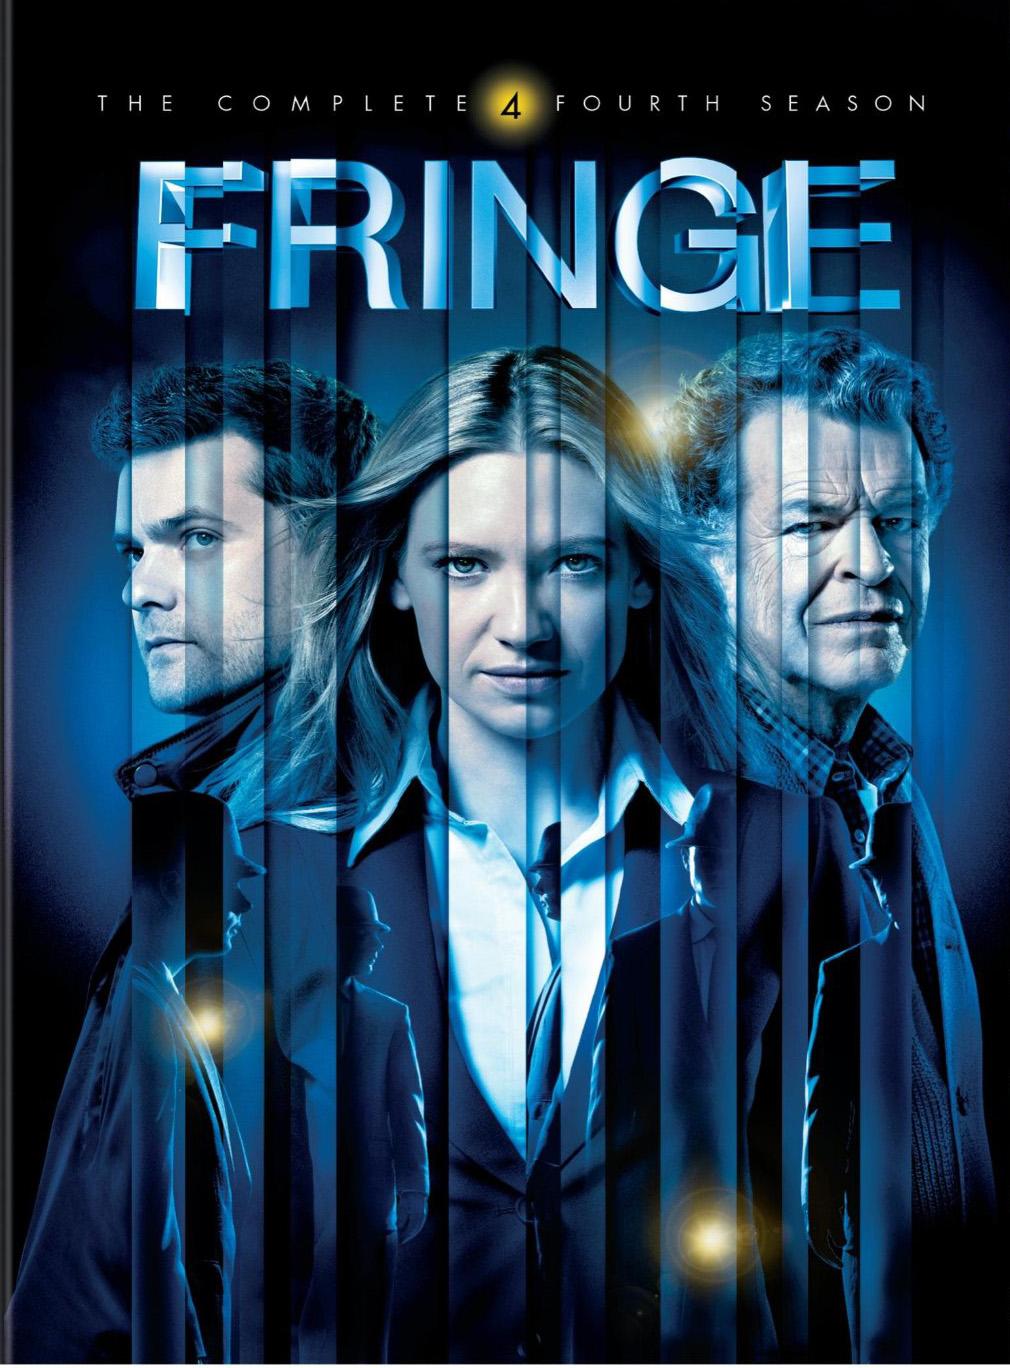 fringe season 4 cover